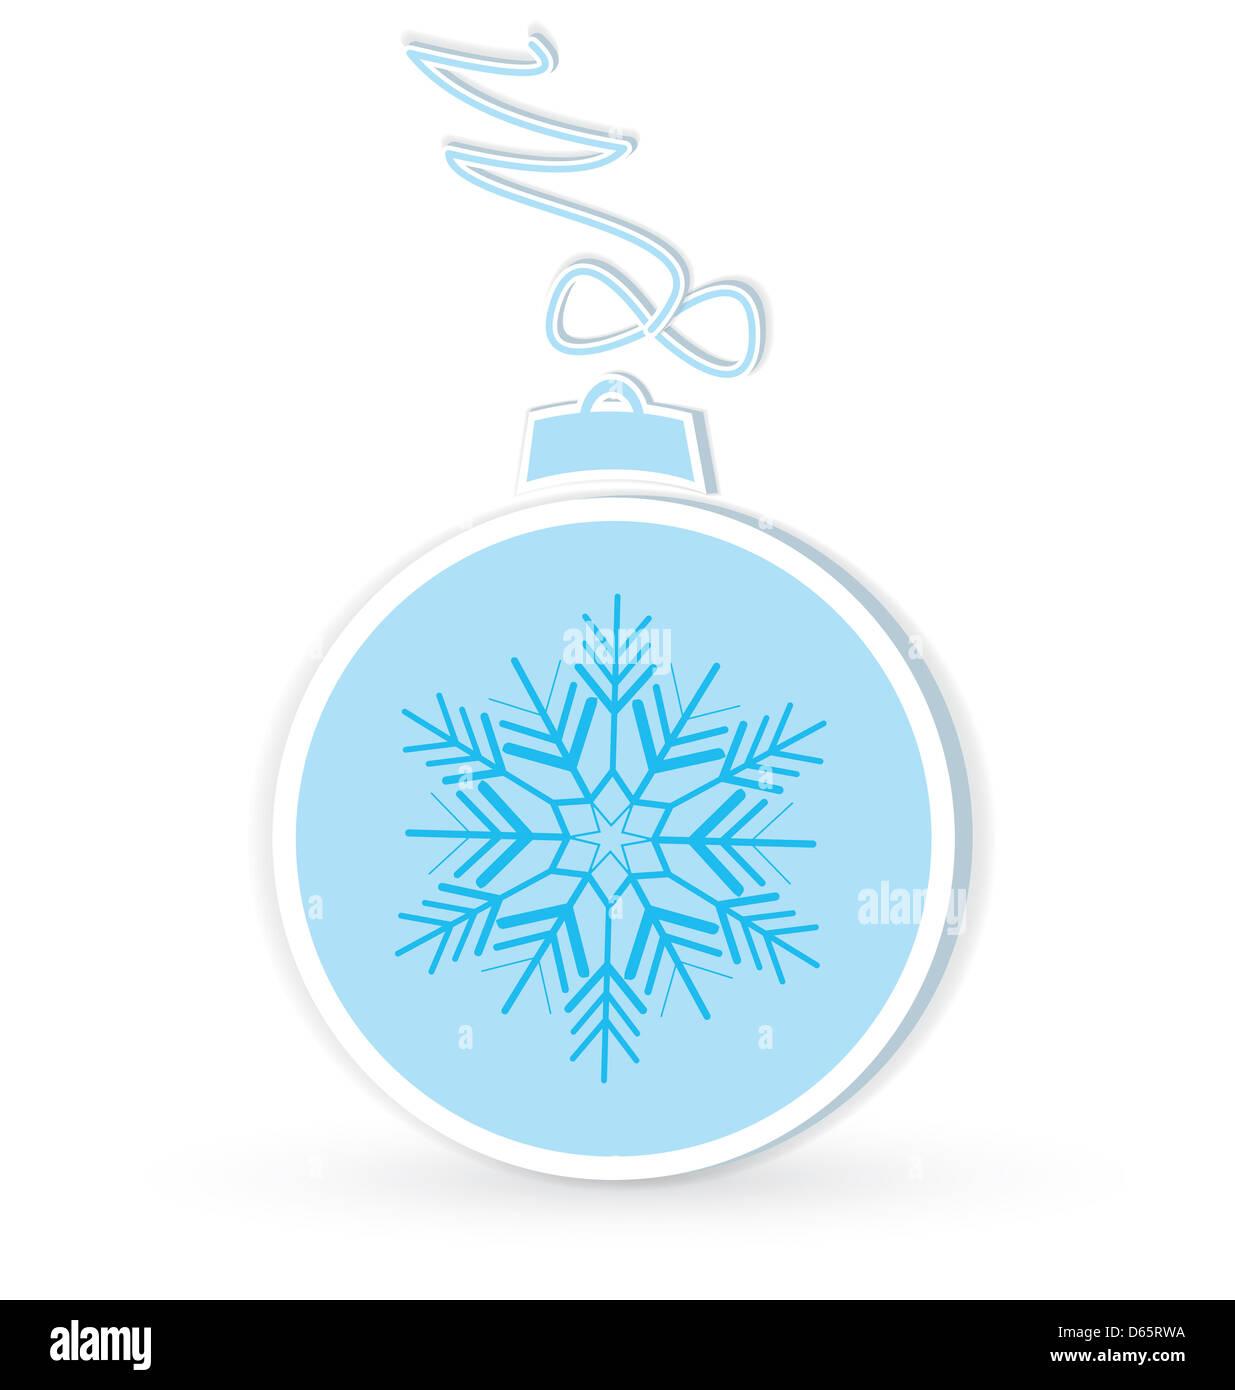 Christmas ball crafted - Stock Image